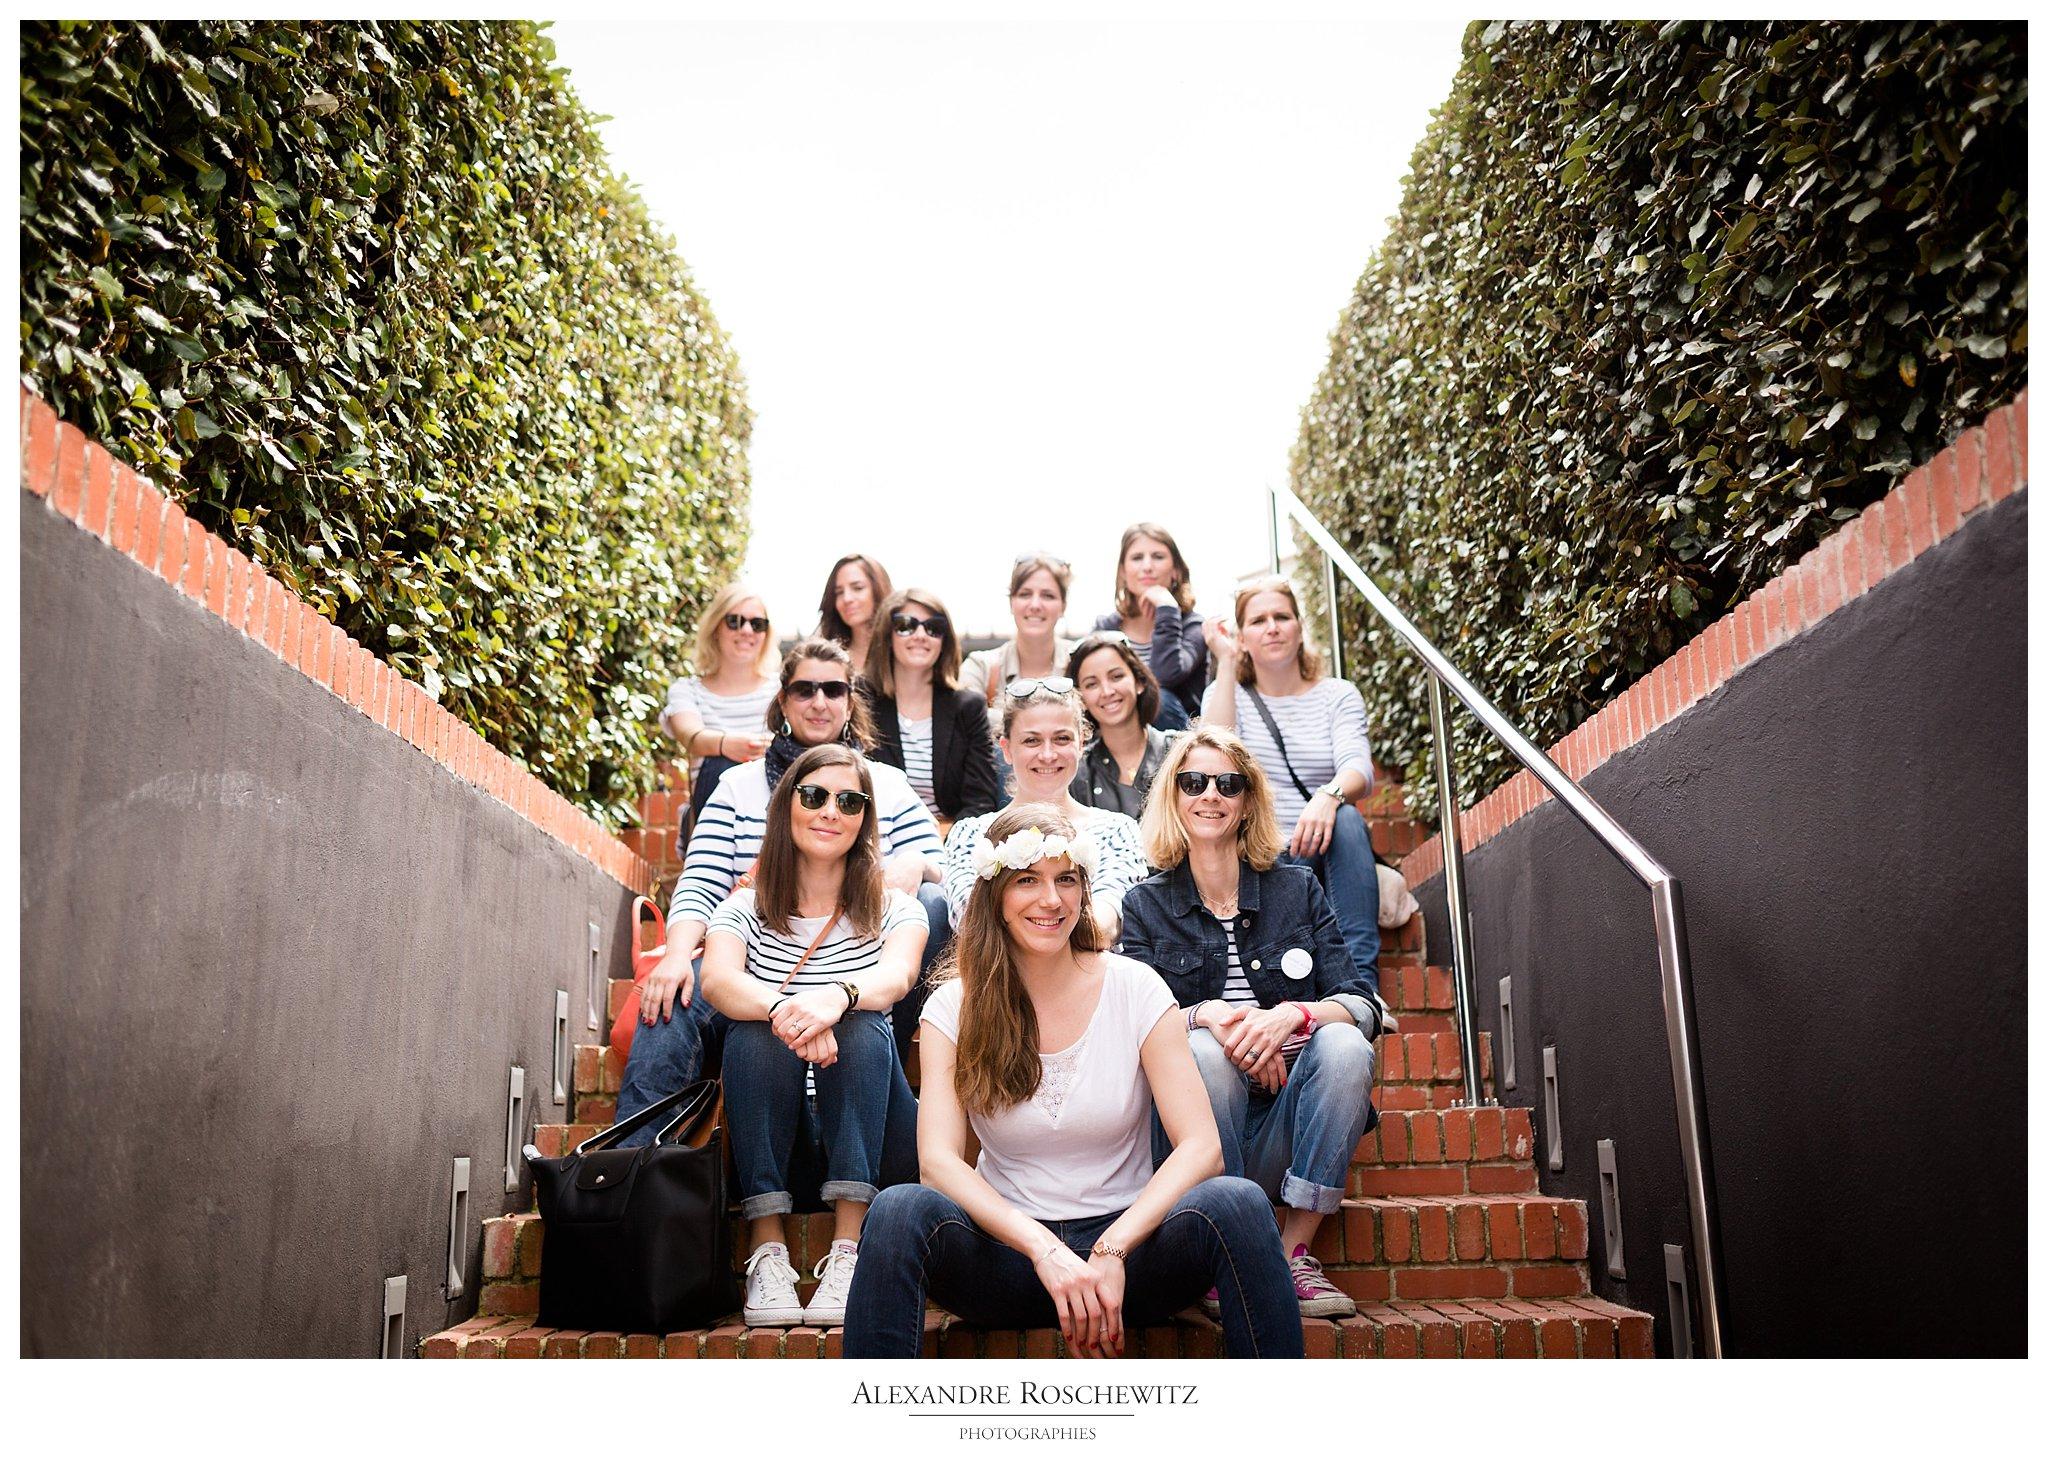 Un aperçu de la séance photos EVFJ de Marion à la Dune du Pilat, avec 11 de ses amies. Alexandre Roschewitz Photographies